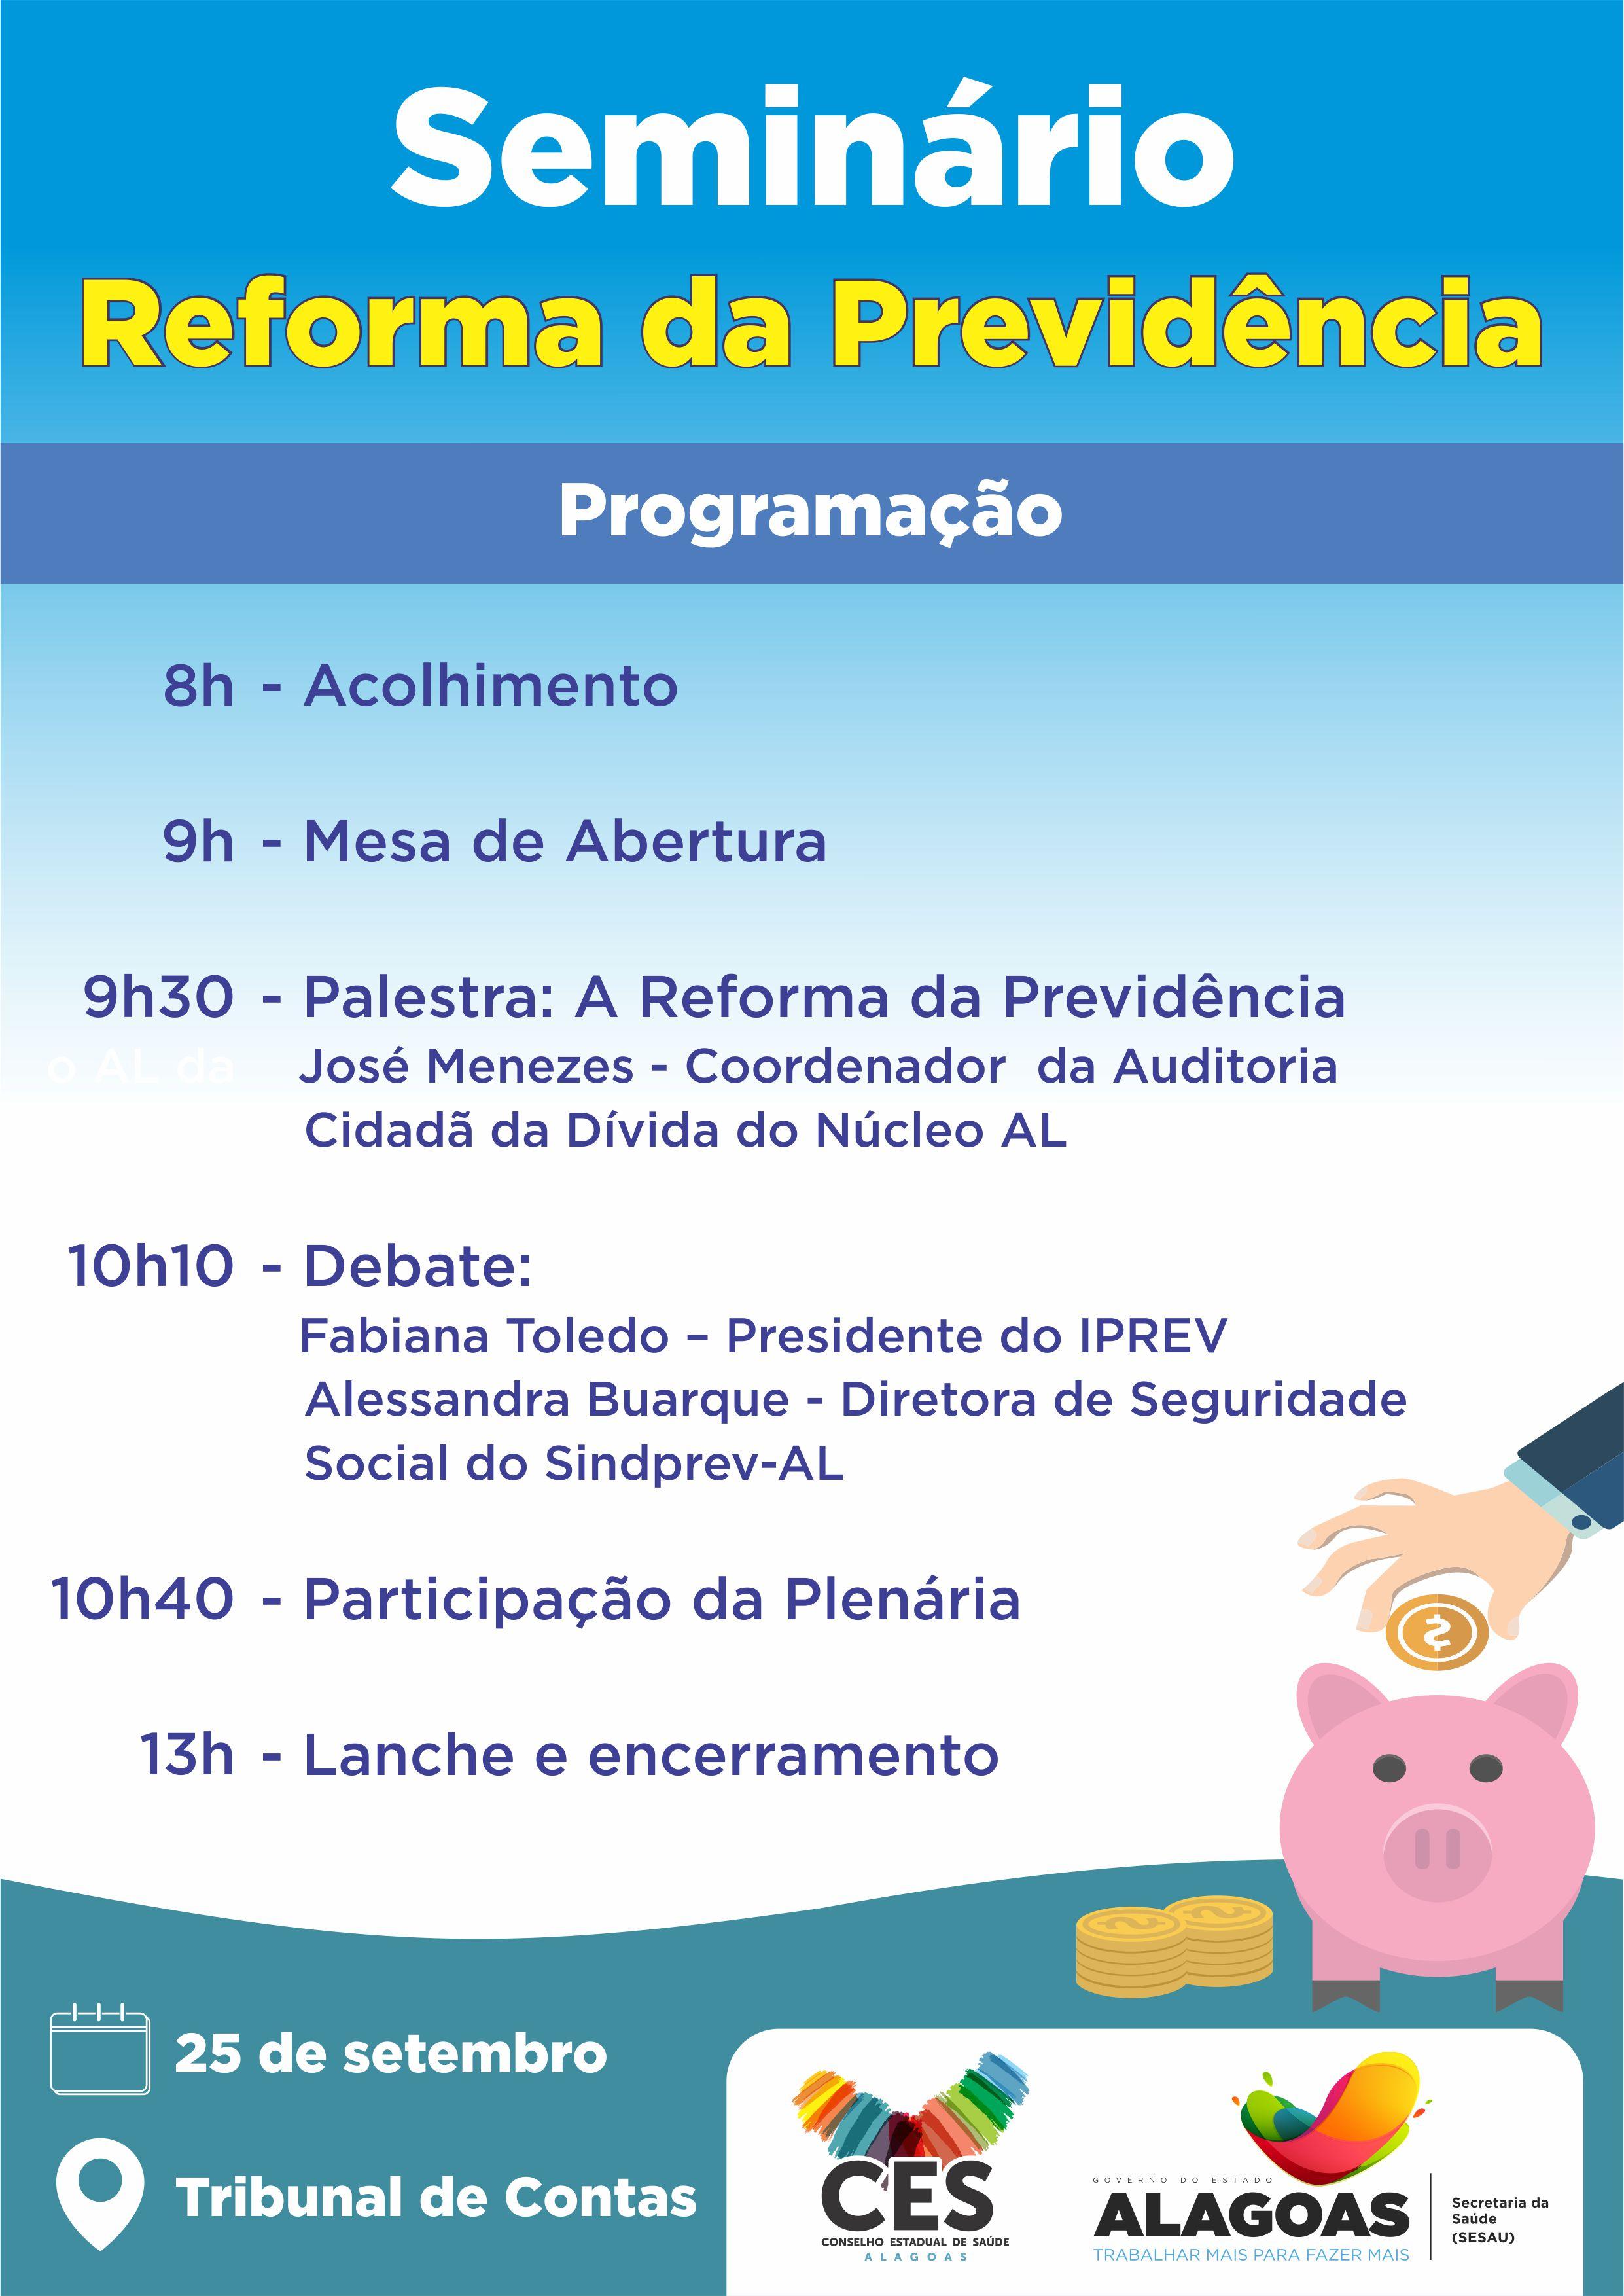 PROGRAMAÇÃO DO SEMINÁRIO REFORMA DA PREVIDÊNCIA